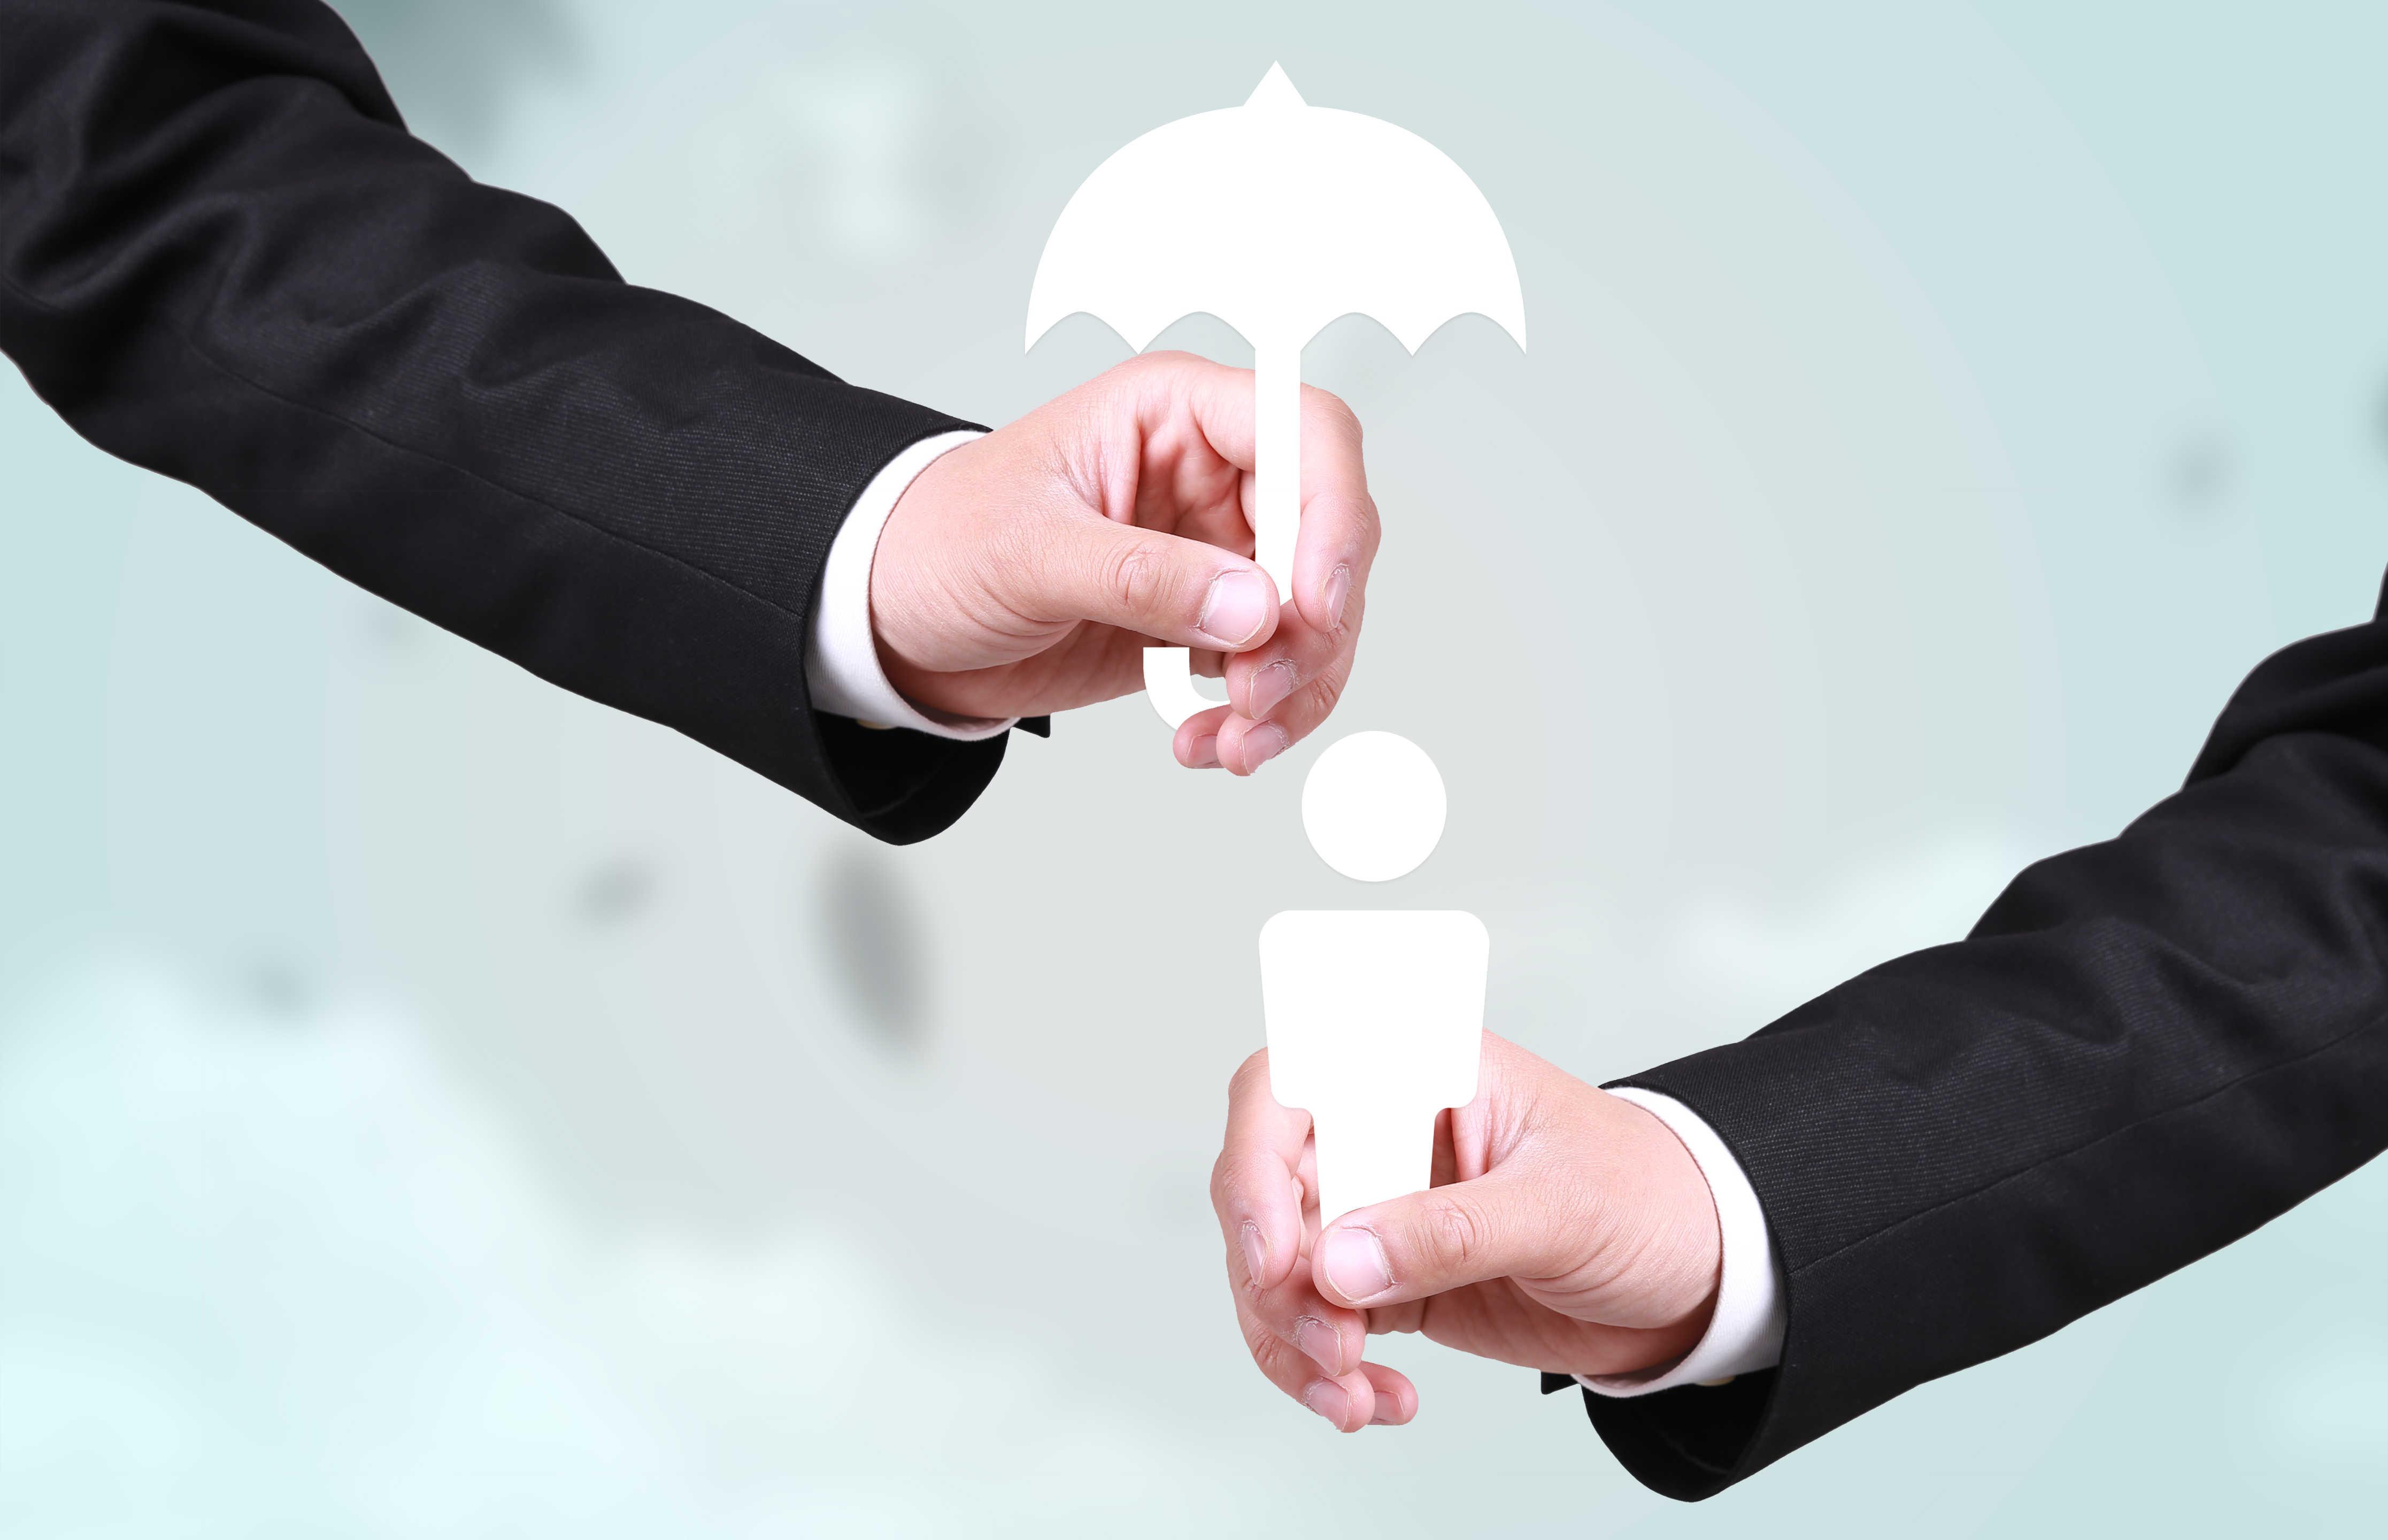 异地缴纳社保——企业如何为外地员工缴纳社保